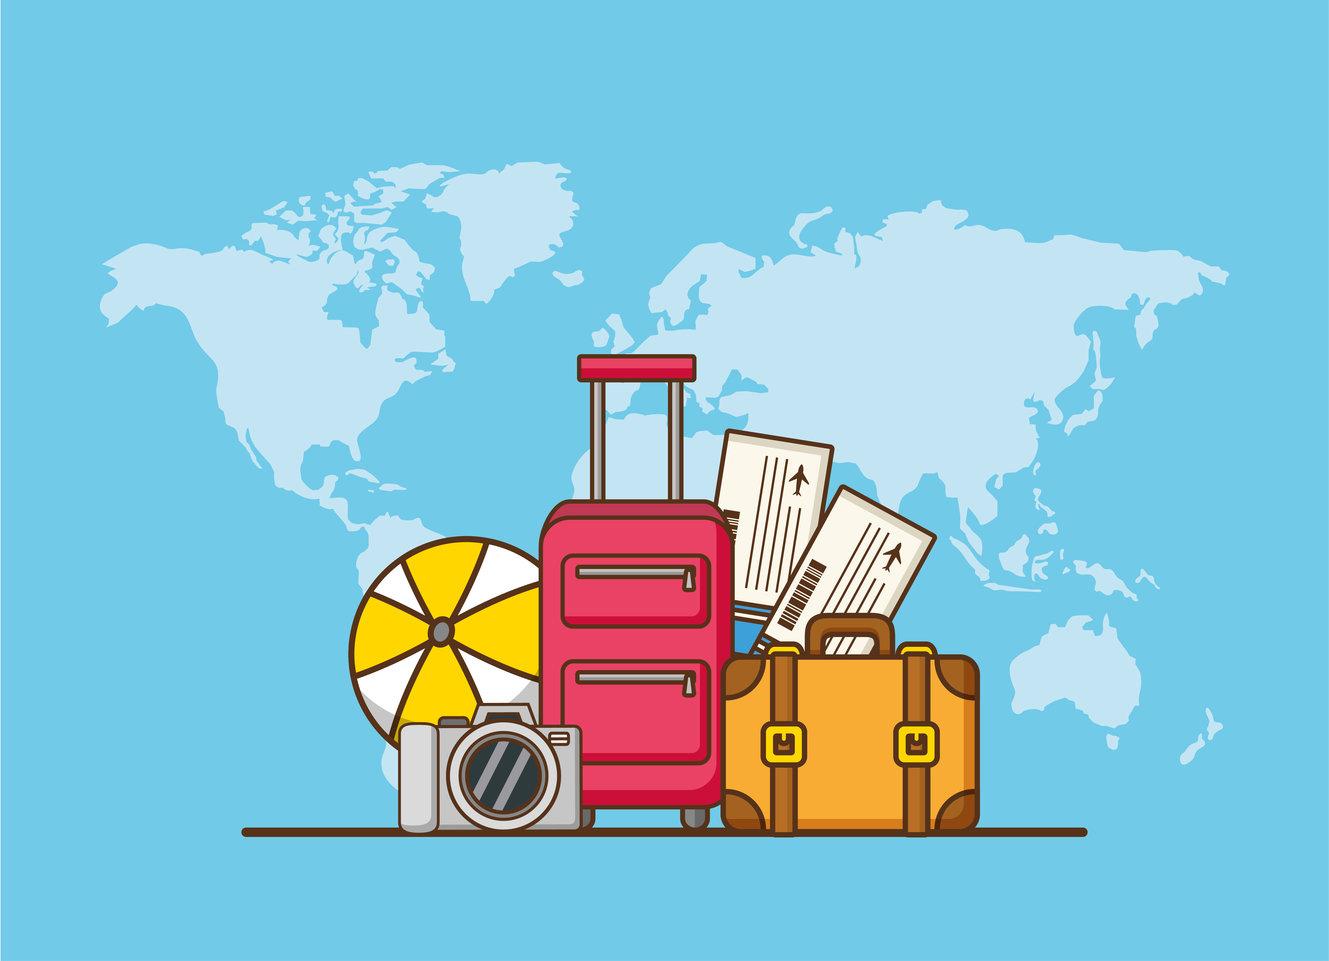 Las ventajas de reservar ahora tus próximas vacaciones